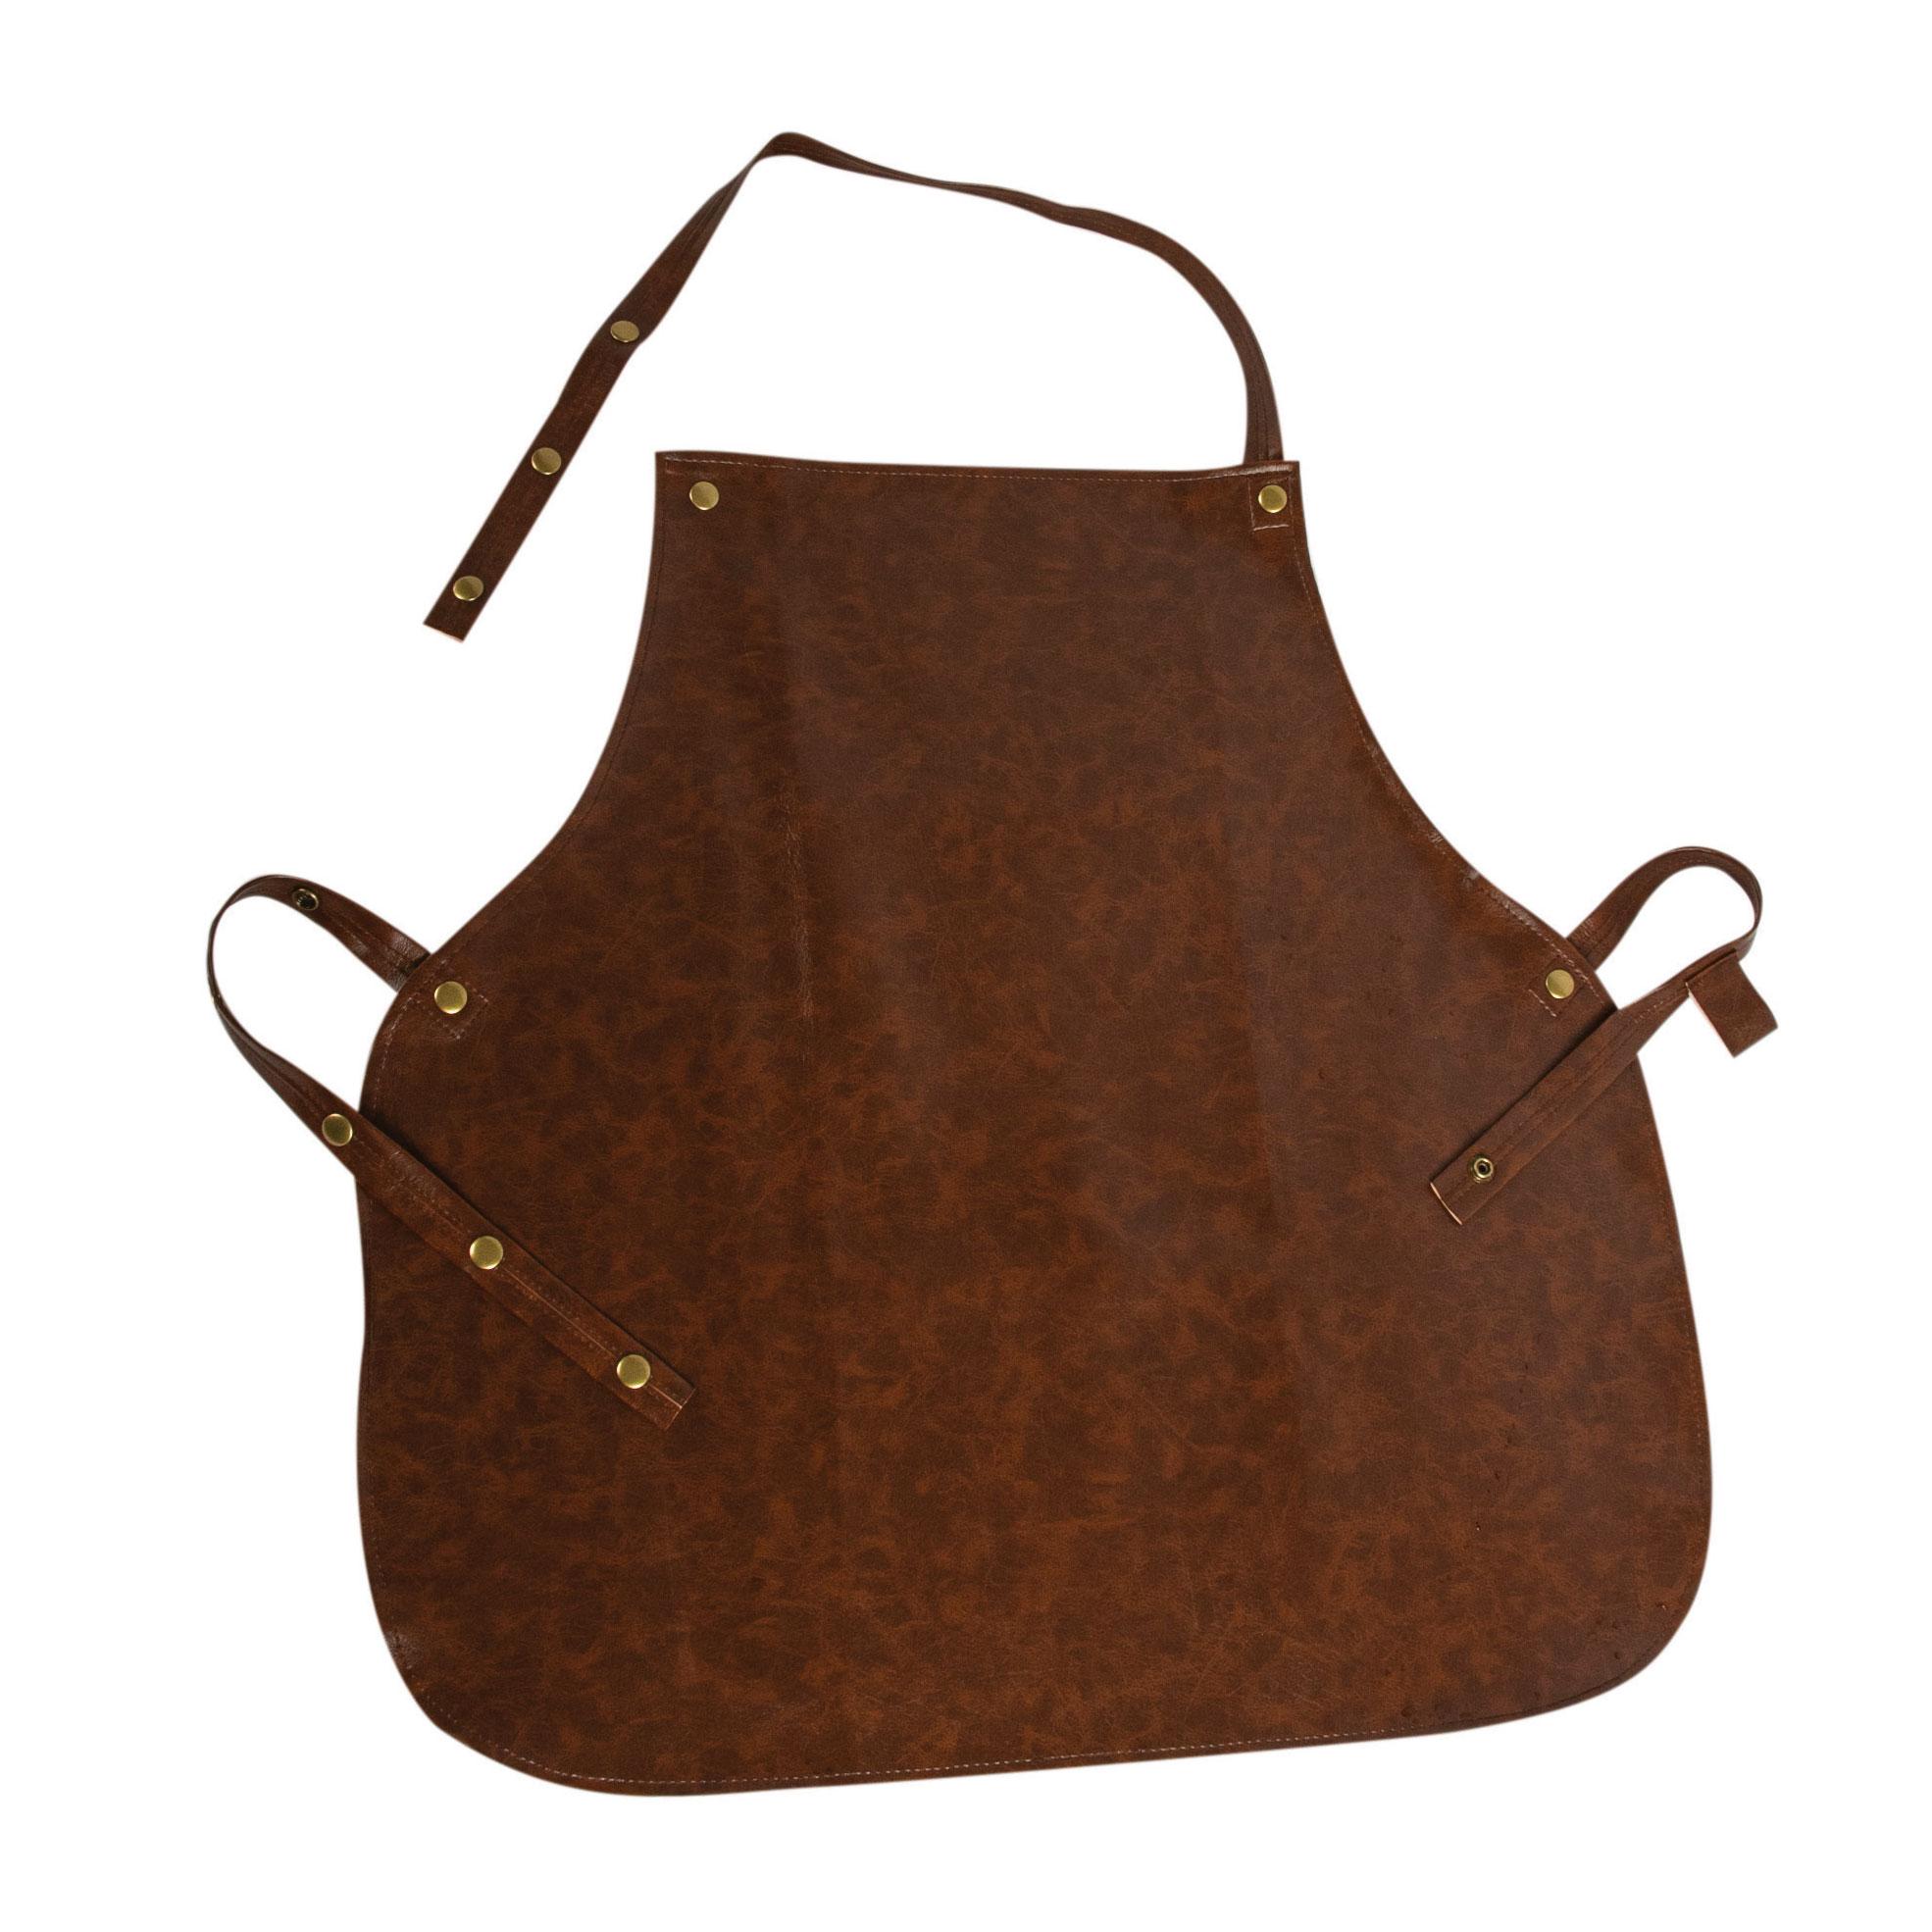 San Jamar 5610AP005 dishwashing apron